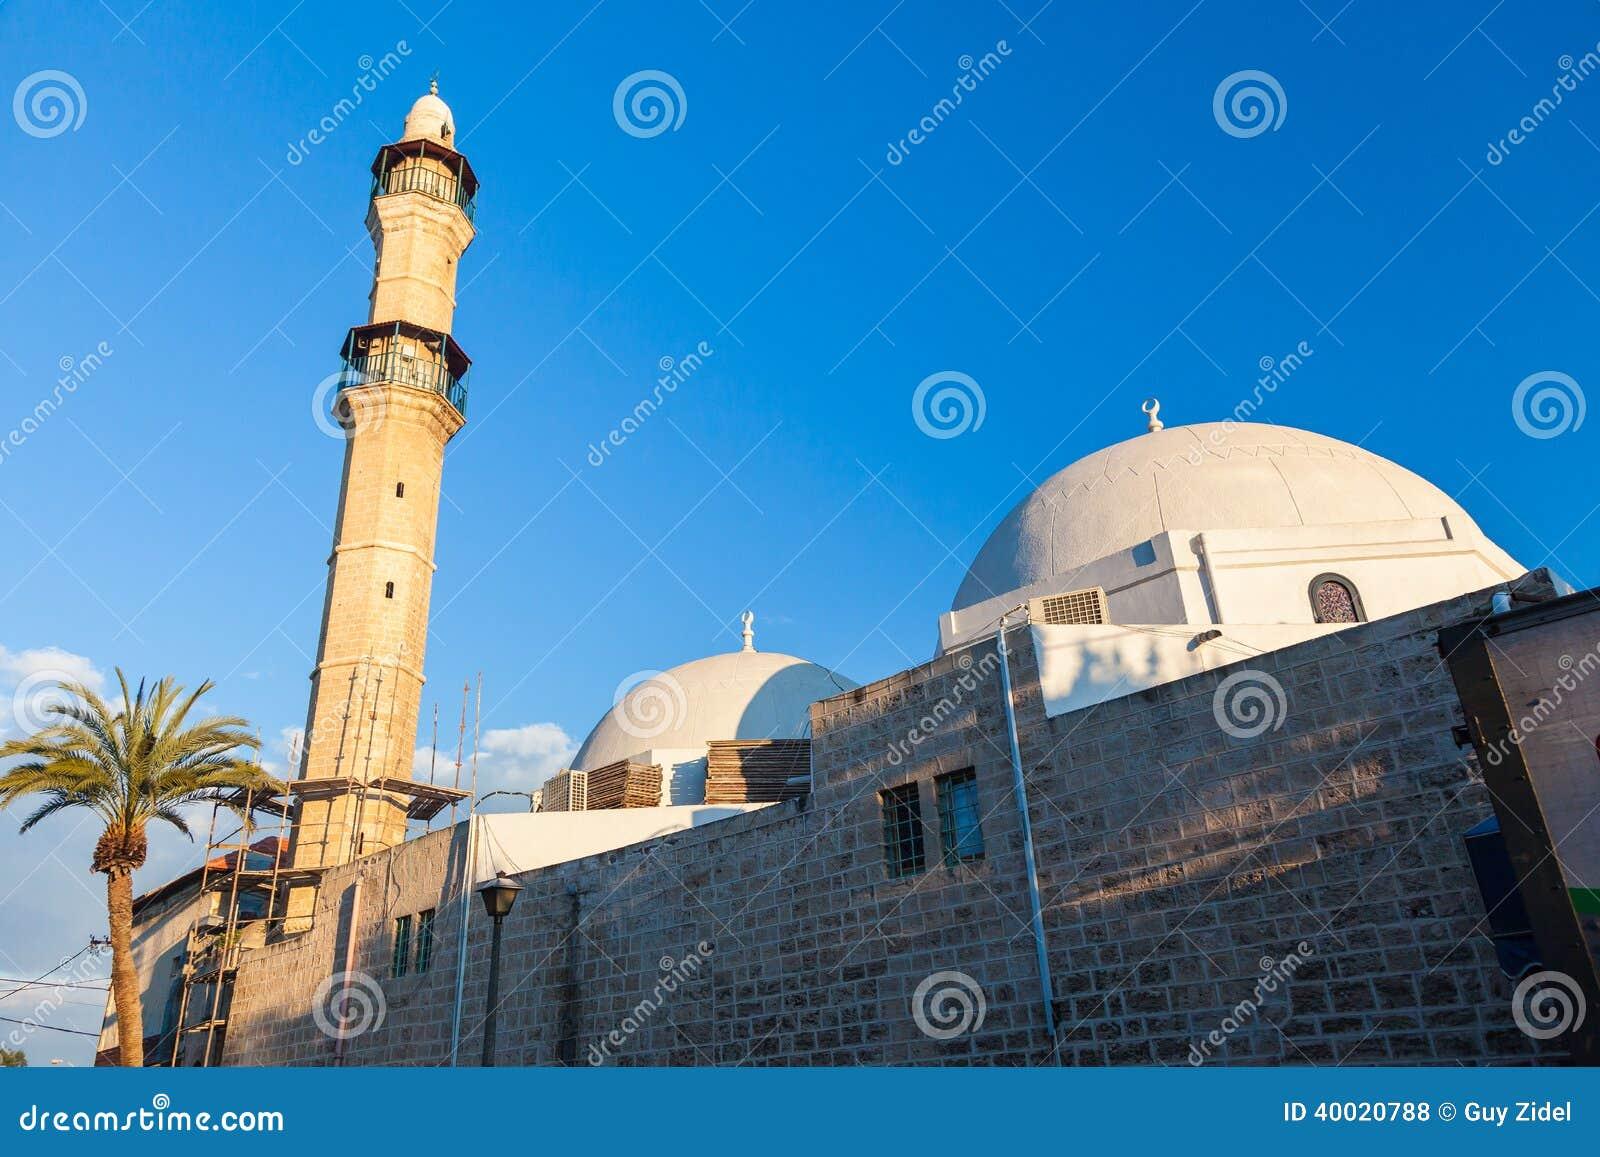 Morgenansicht alter Stadt Jaffas mit alter Moschee auf foregroun